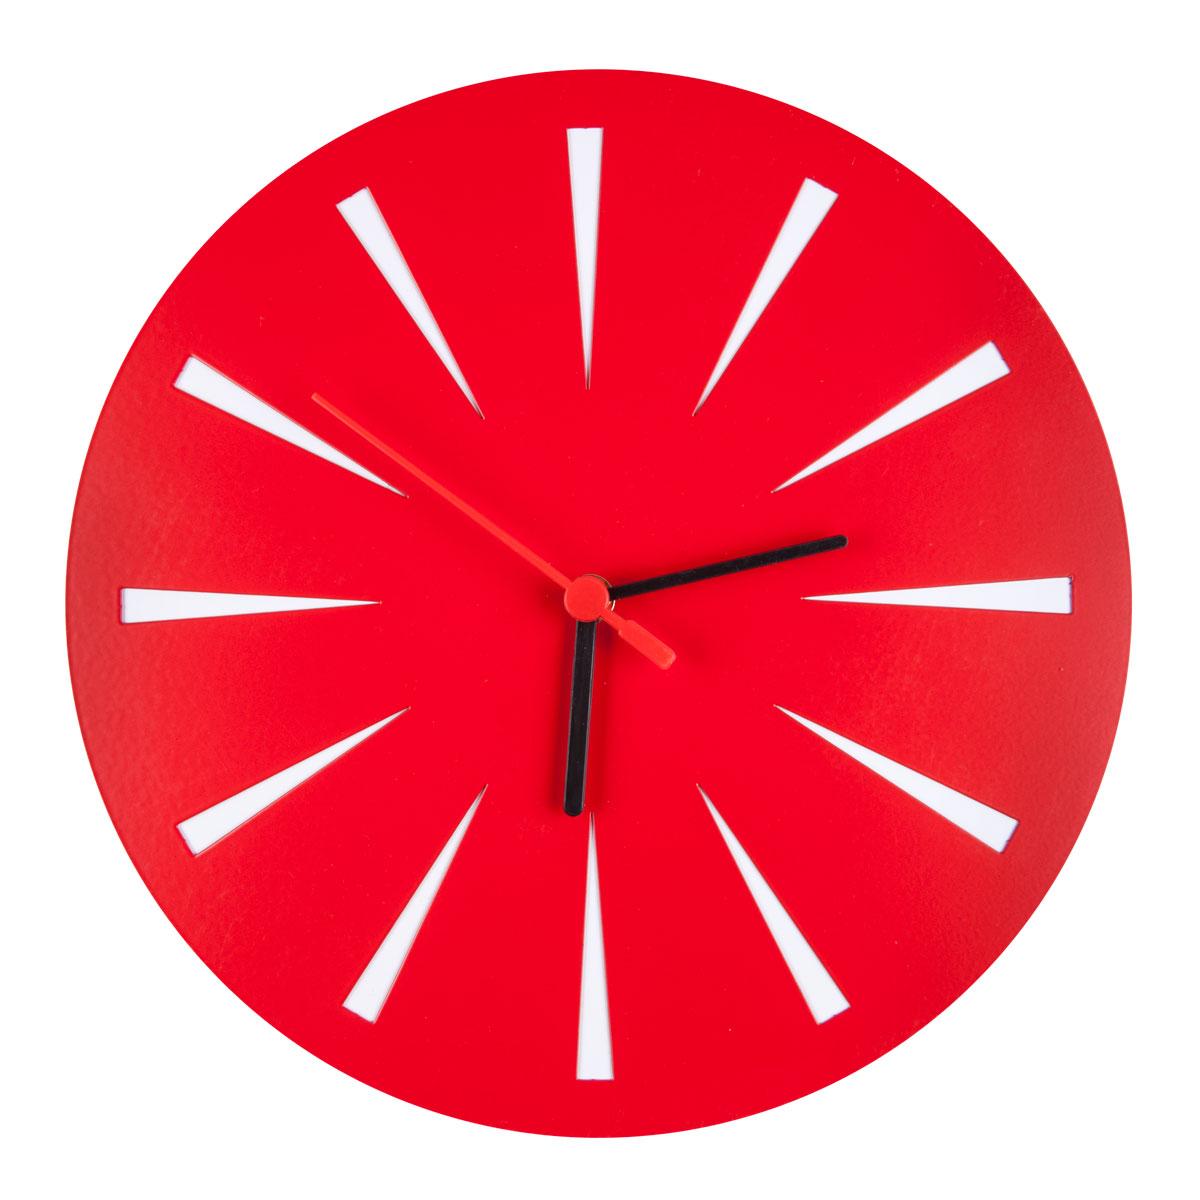 Часы настенные Miolla Красные, цвет: красный, белыйCH011Оригинальные настенные часы круглой формы выполнены из стали. Часы имеют три стрелки - часовую, минутную и секундную и циферблат с цифрами. Необычное дизайнерское решение и качество исполнения придутся по вкусу каждому. Оформите свой дом таким интерьерным аксессуаром или преподнесите его в качестве презента друзьям, и они оценят ваш оригинальный вкус и неординарность подарка.